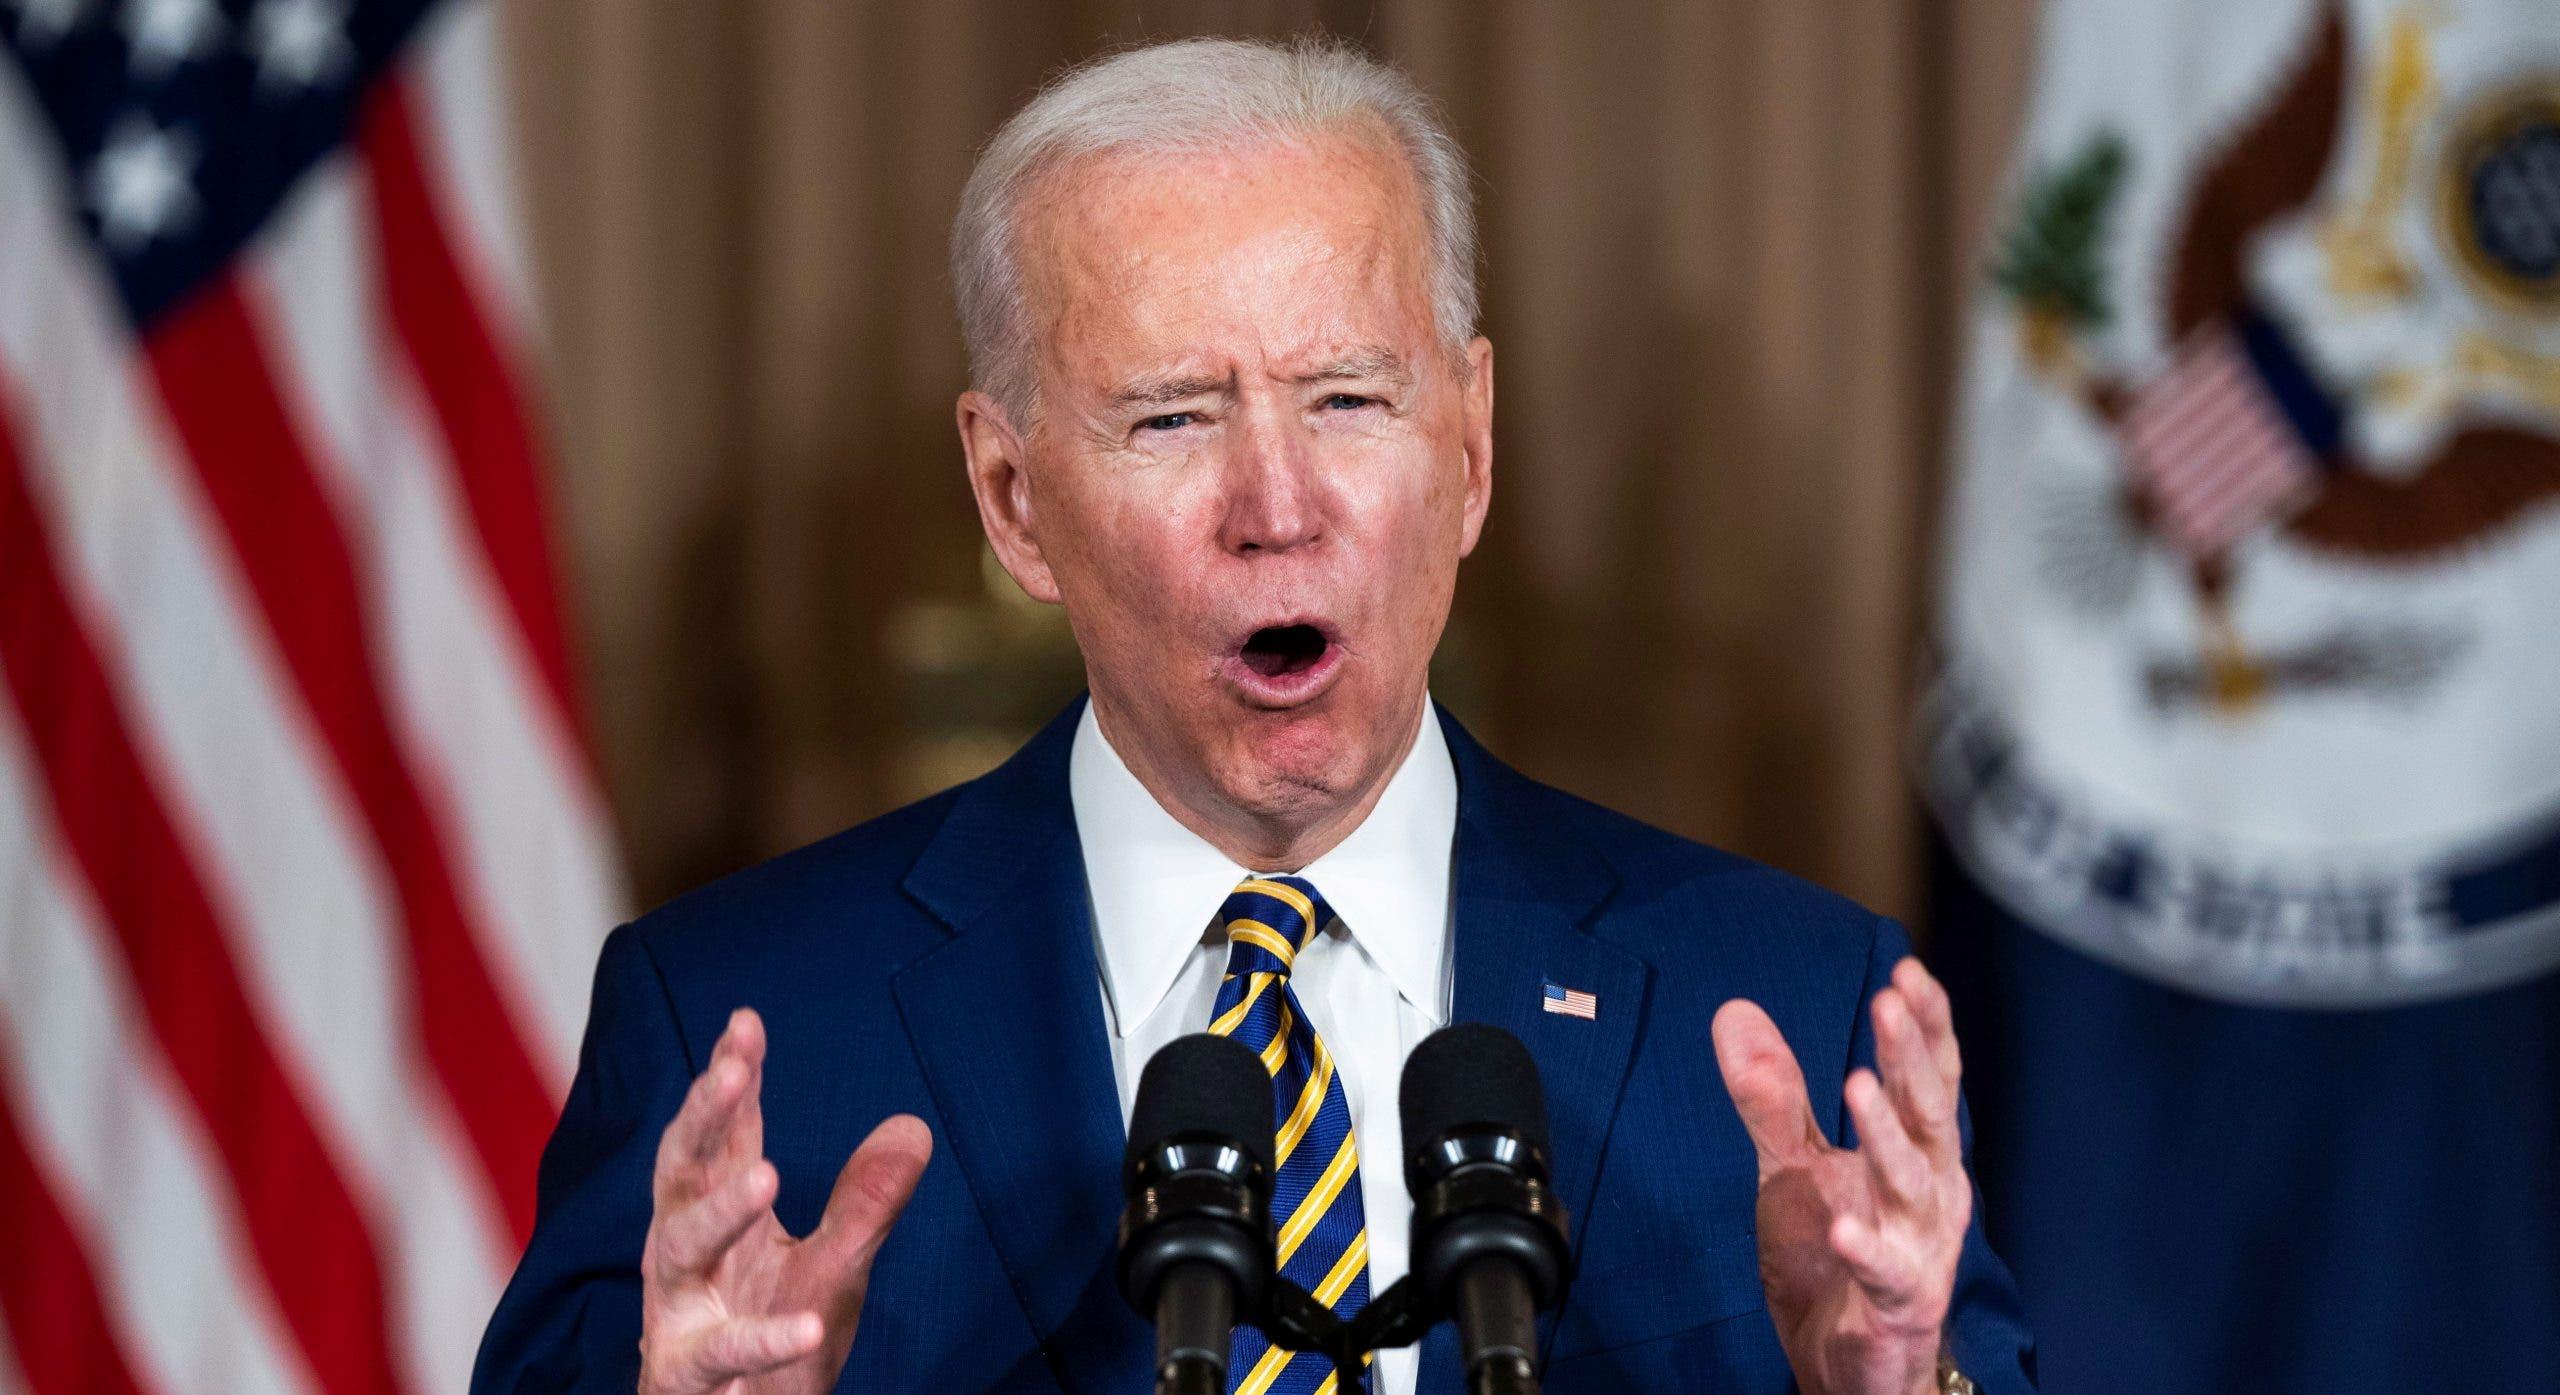 Biden anuncia un aumento del cupo anual de refugiados en EEUU hasta 125.000